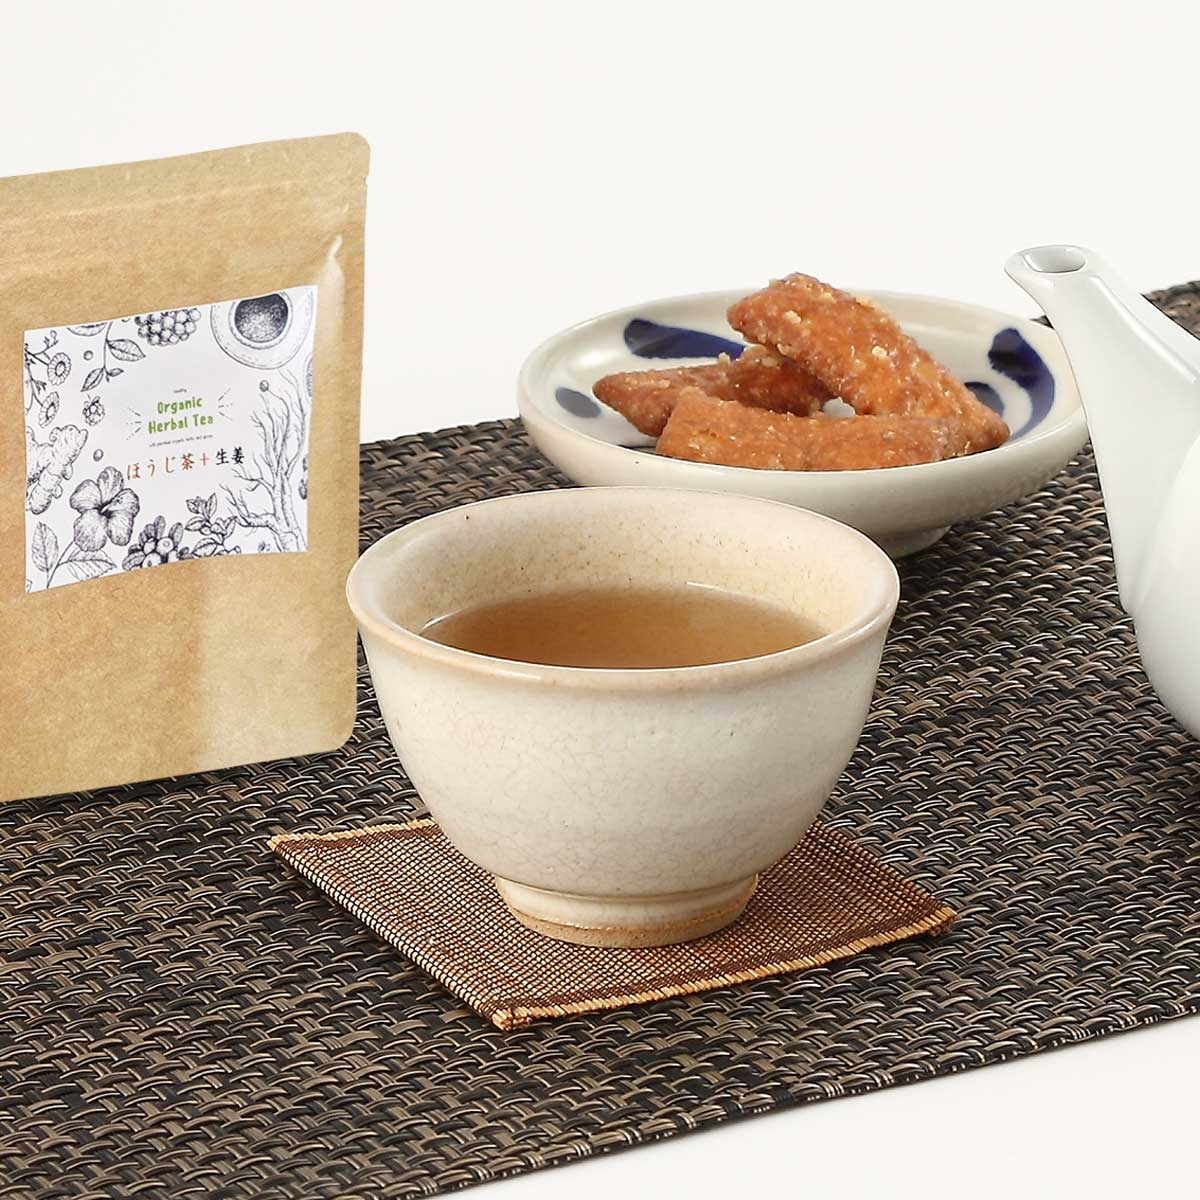 健康しょうが茶シリーズ しょうがほうじ茶 長治園 茨城県〔ティーパック:5個(10杯分)〕